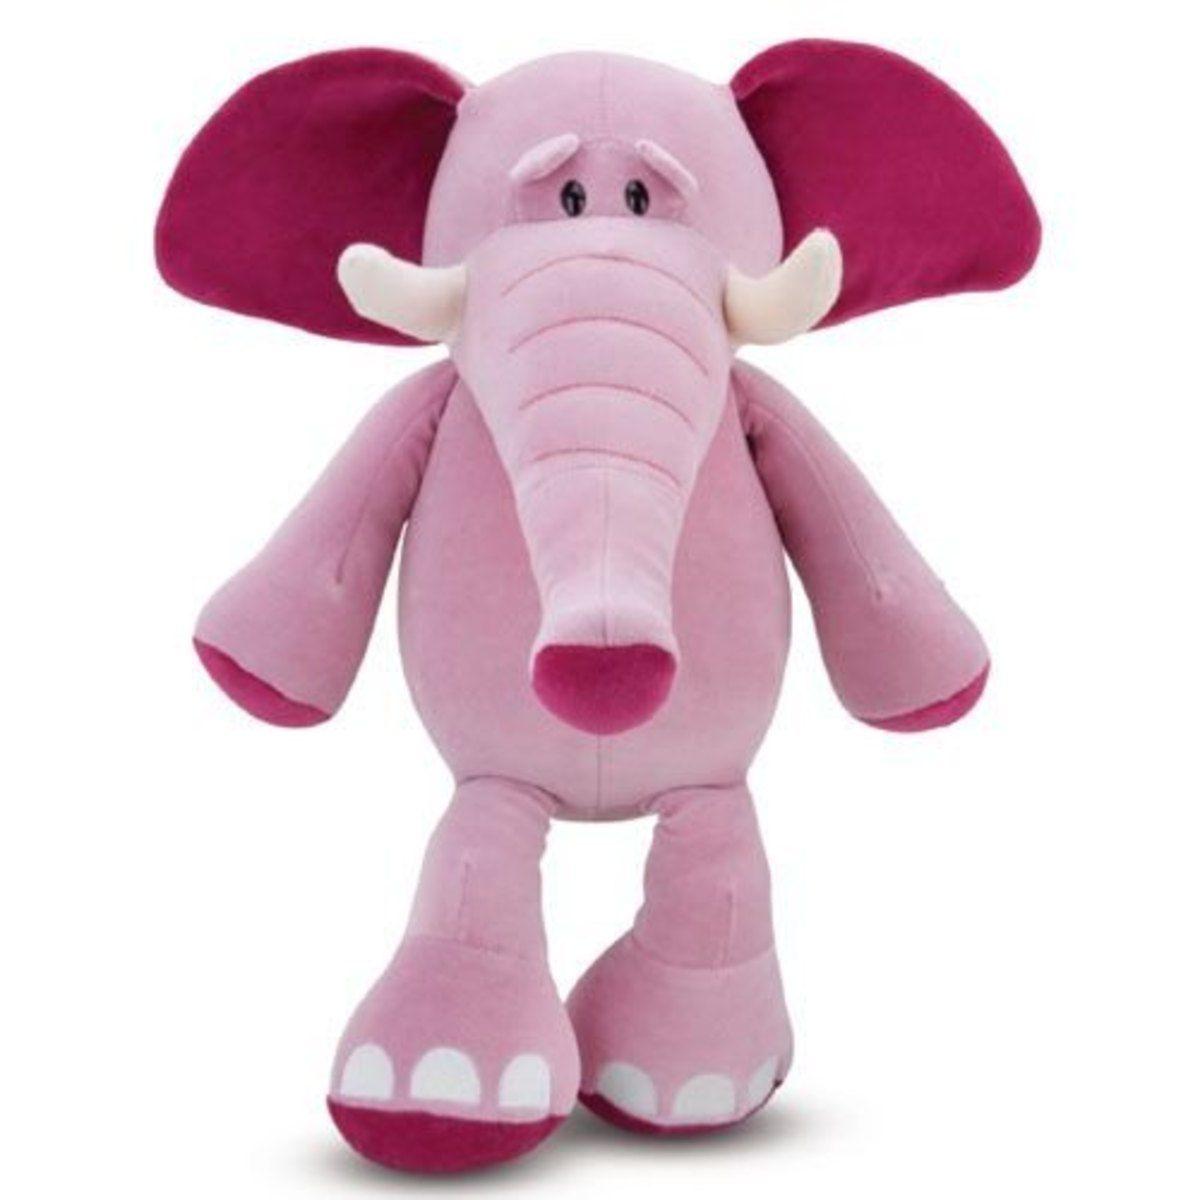 Pelúcia Elefante Rosa Grande Antialérgico Cortex